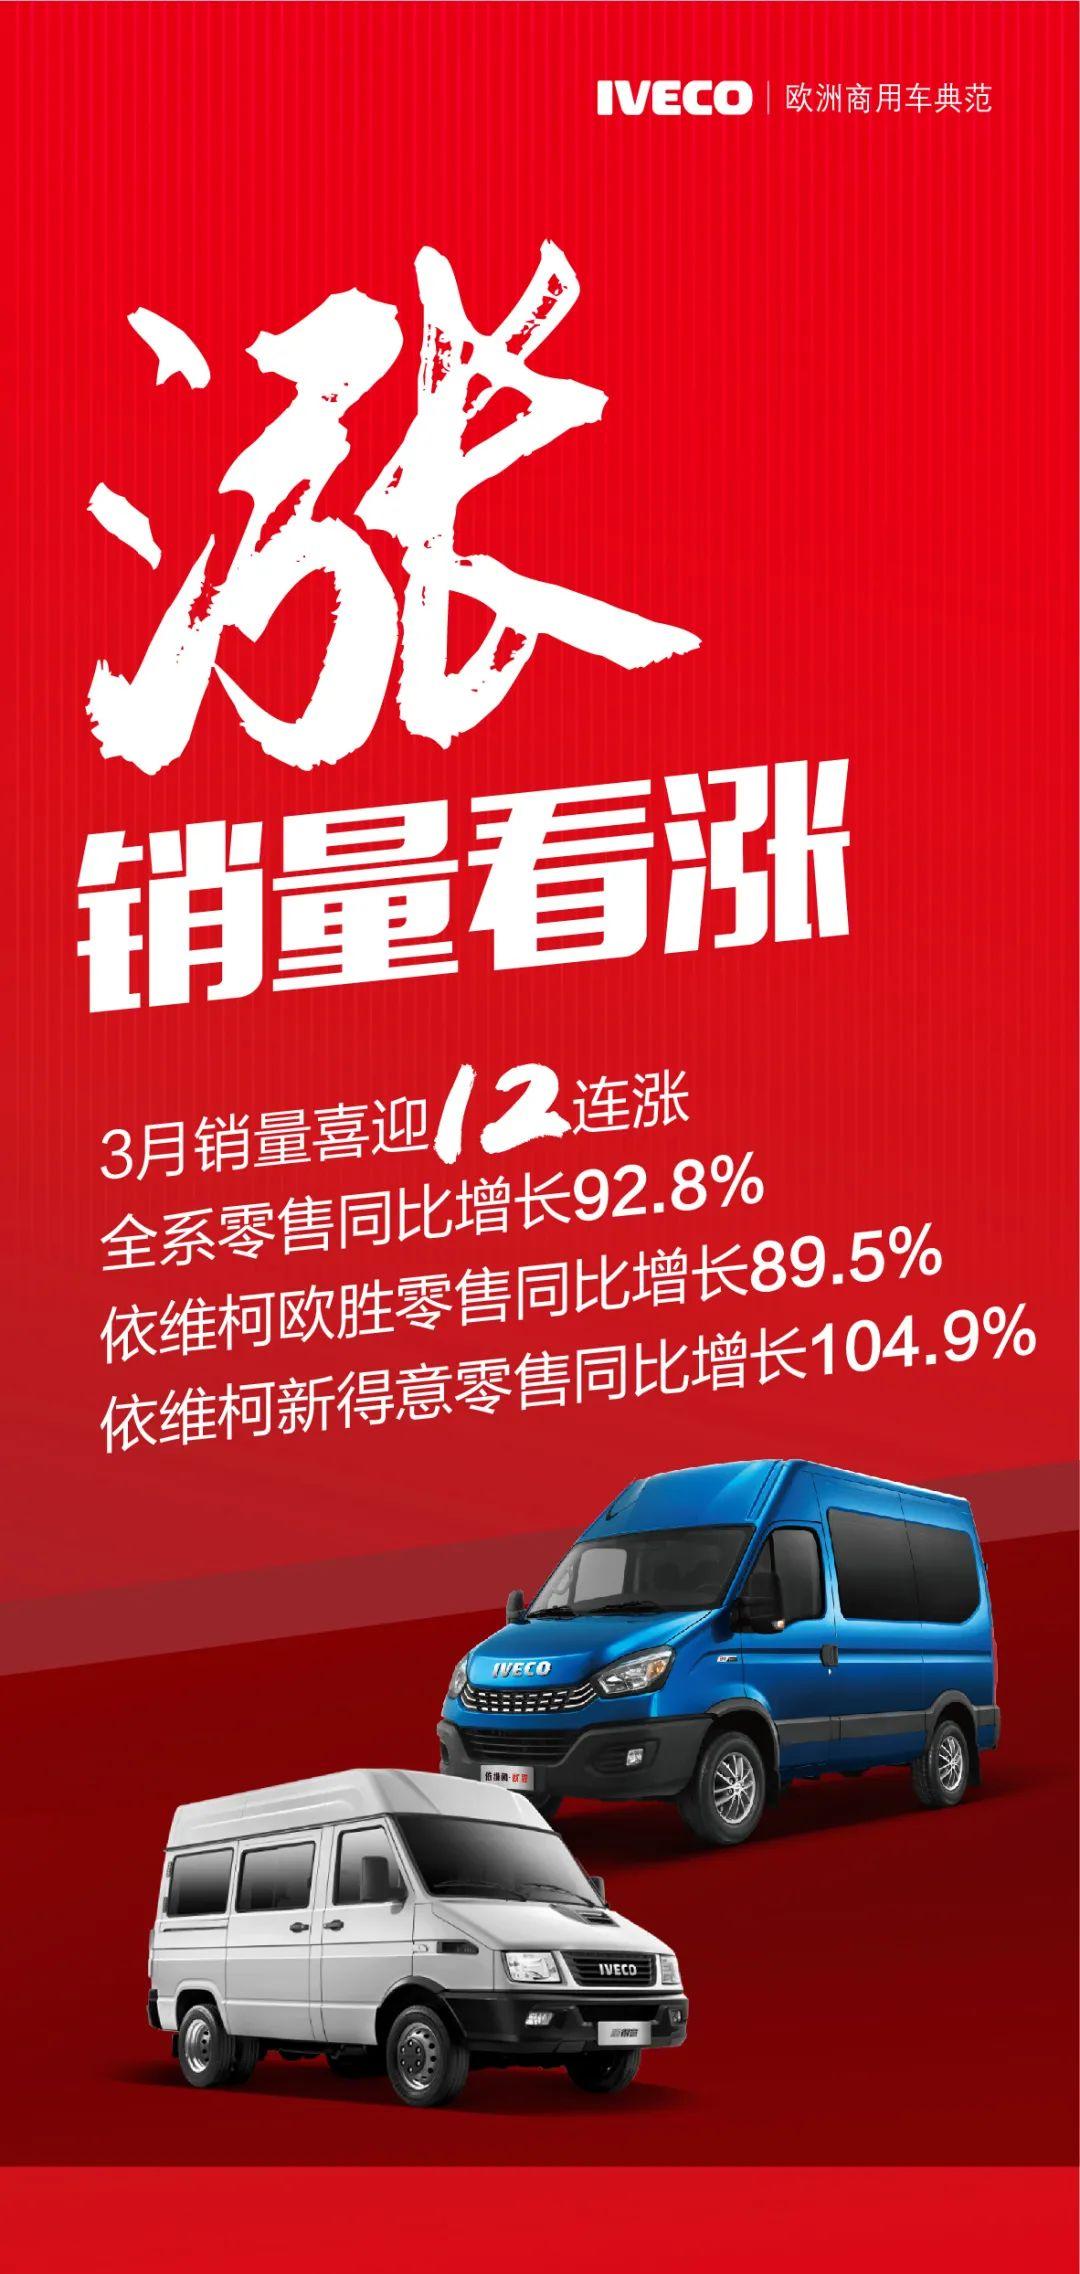 3月销量喜迎12连涨 依维柯全系零售同比增长92.8%!